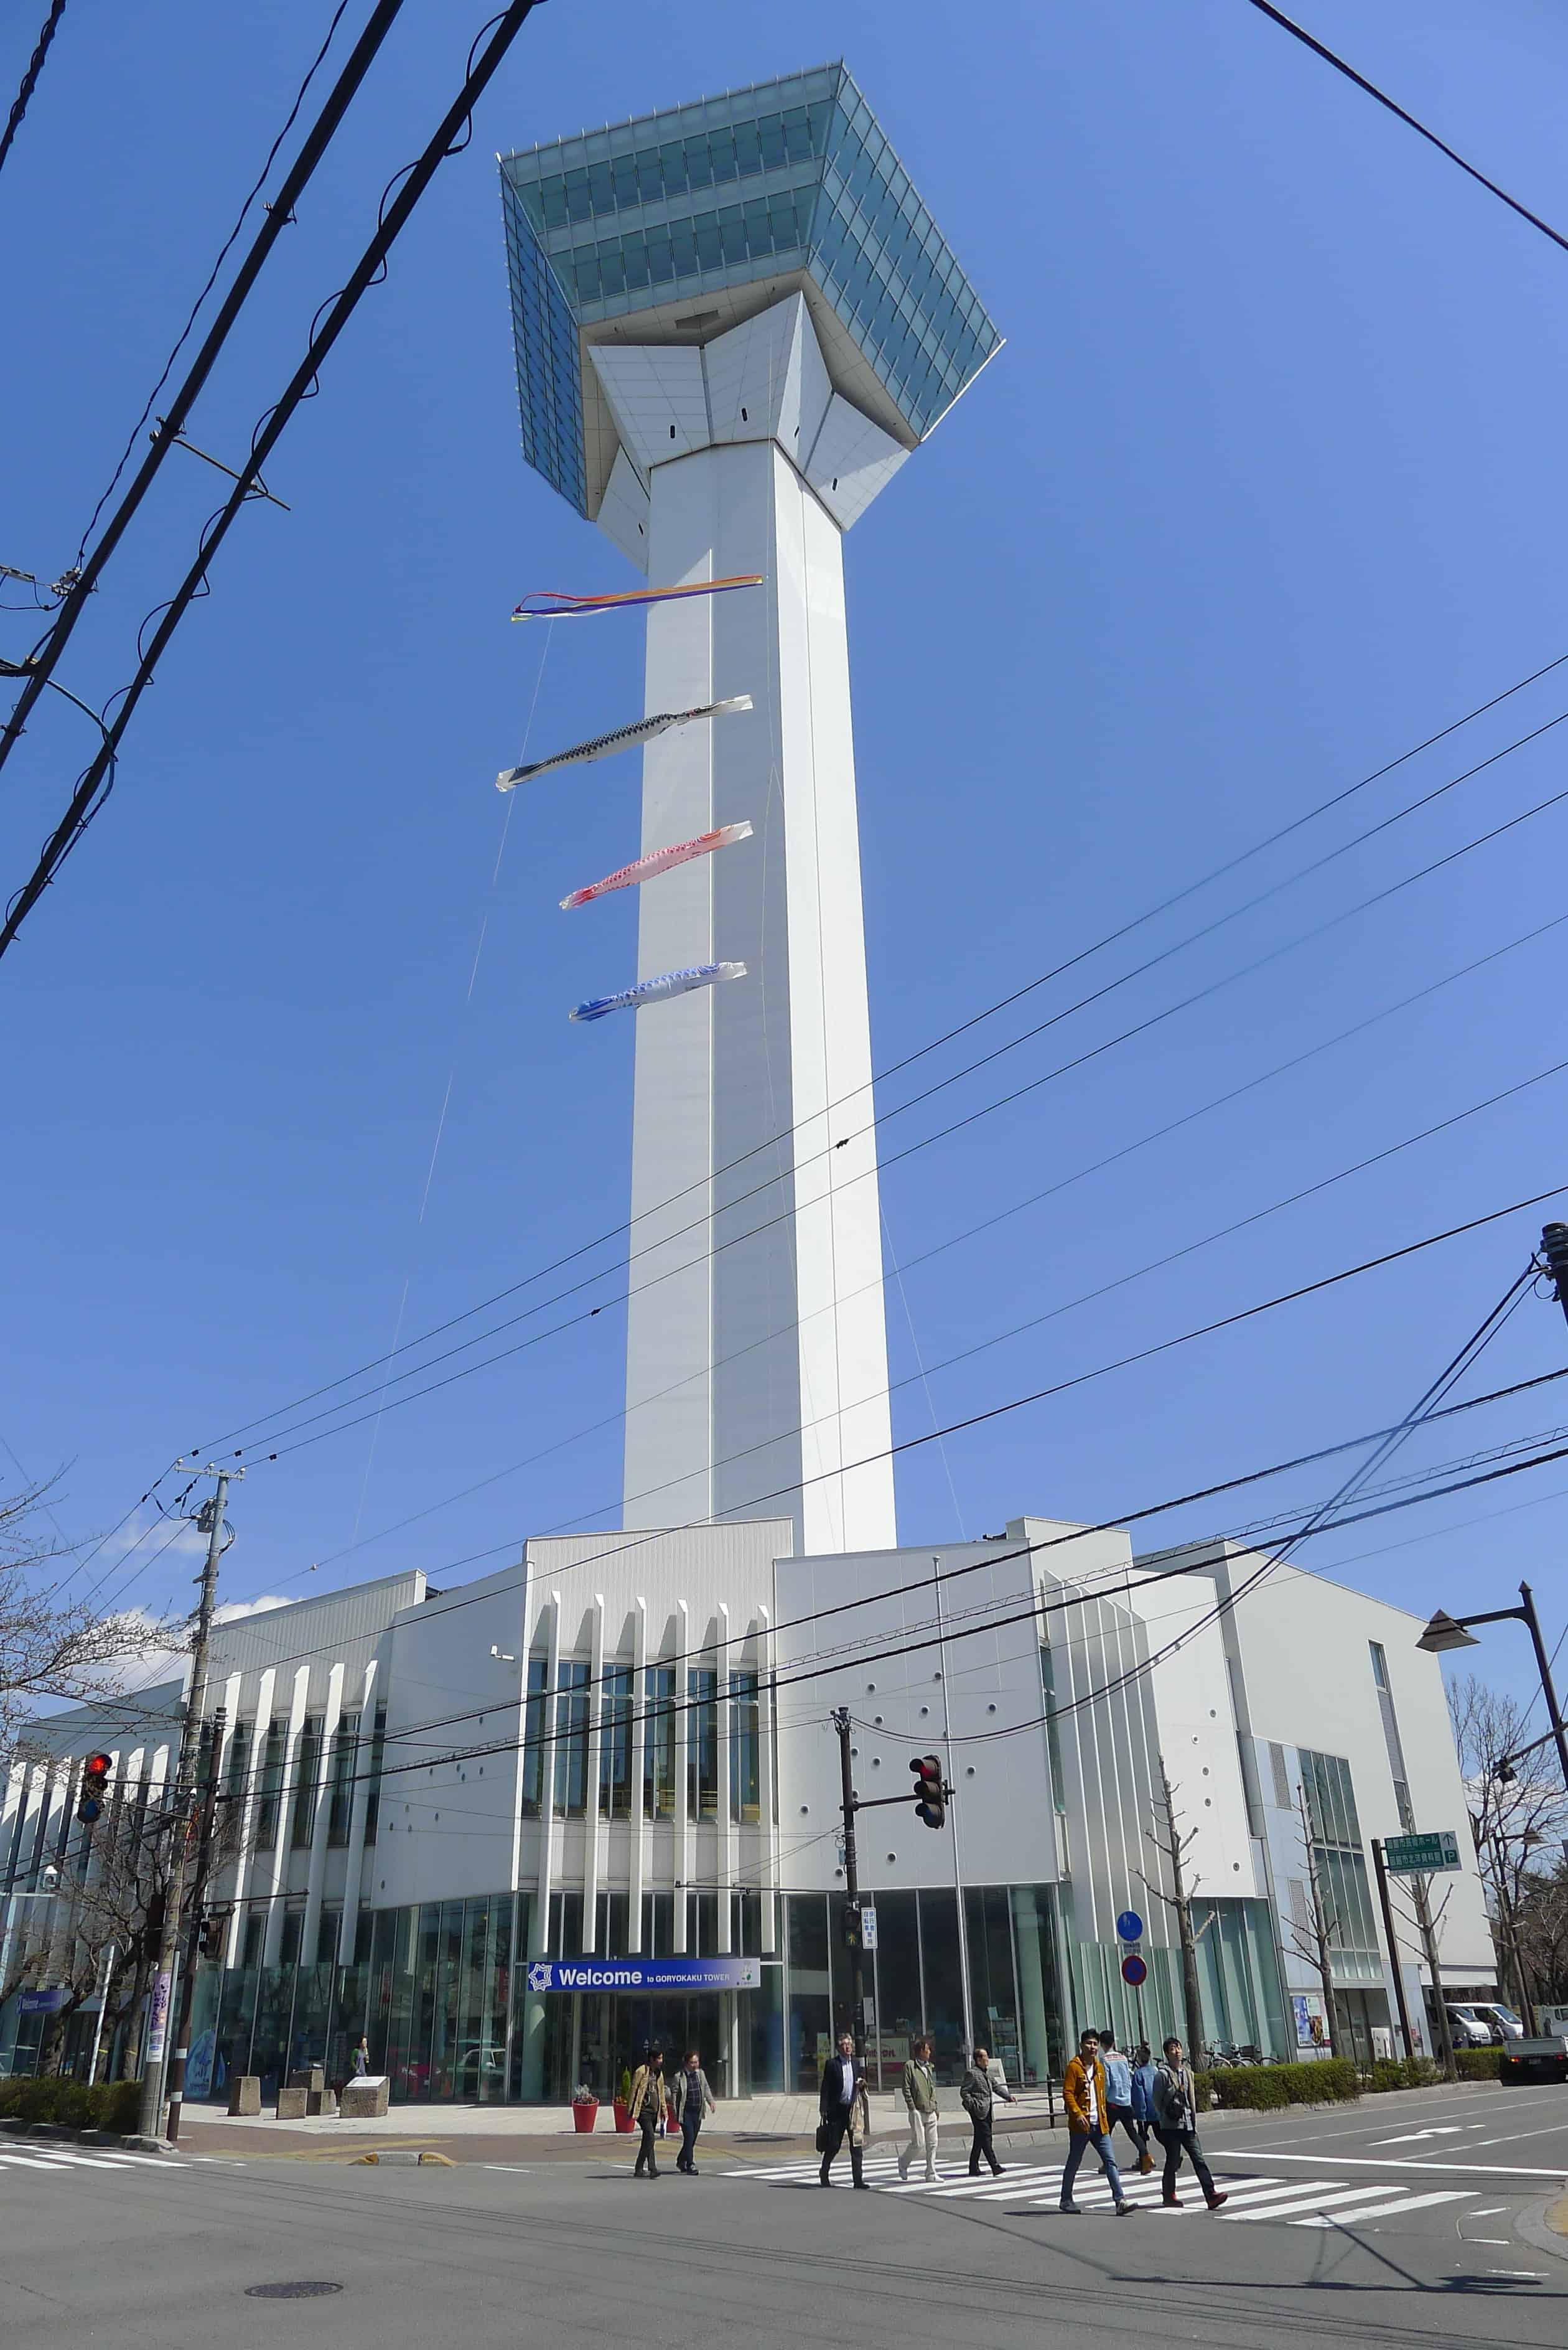 10 ทาวเวอร์ในญี่ปุ่น : Goryokaku Tower (五稜郭タワー)